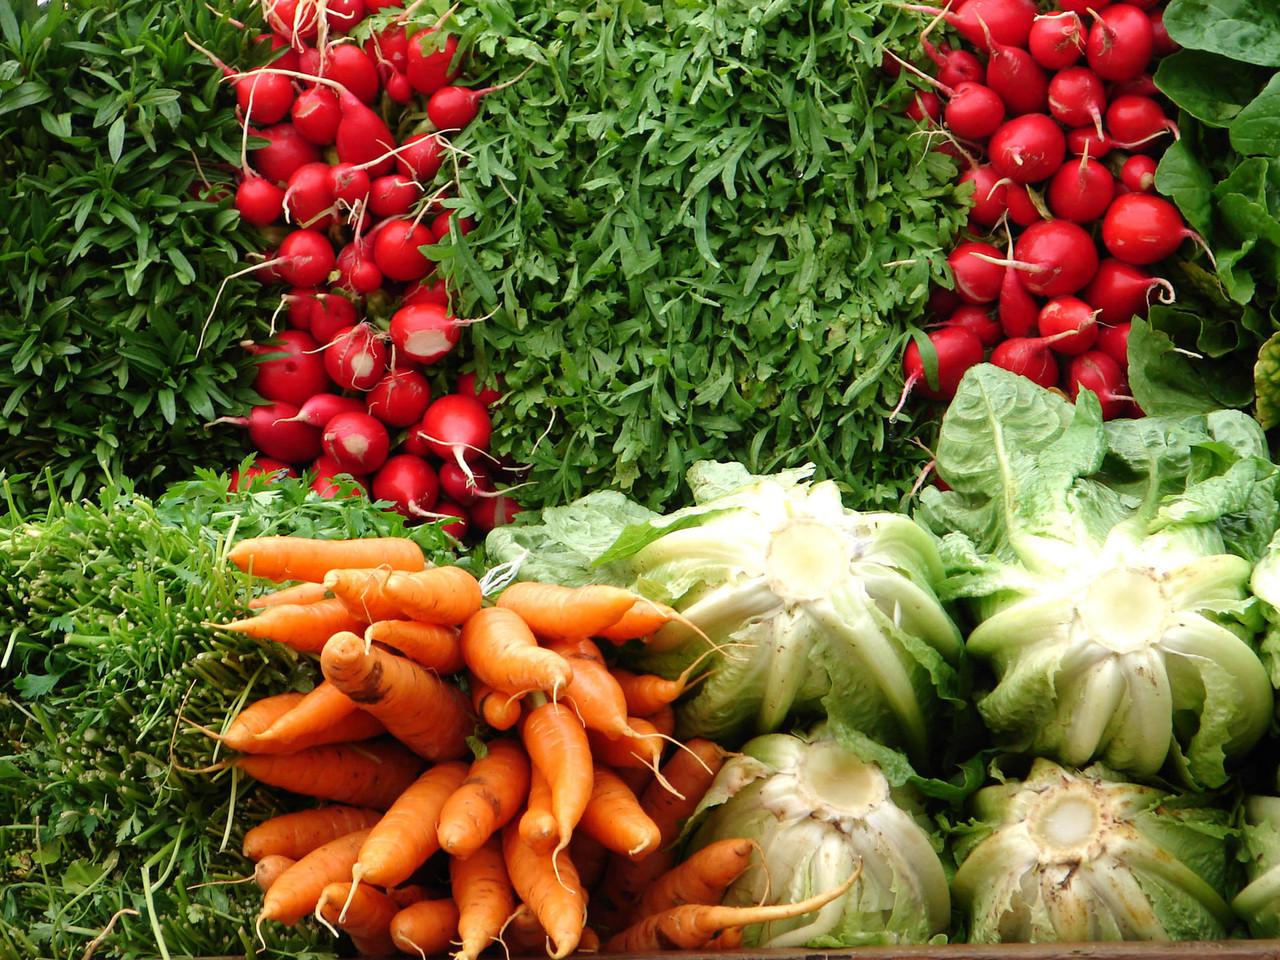 vegan diet dangers